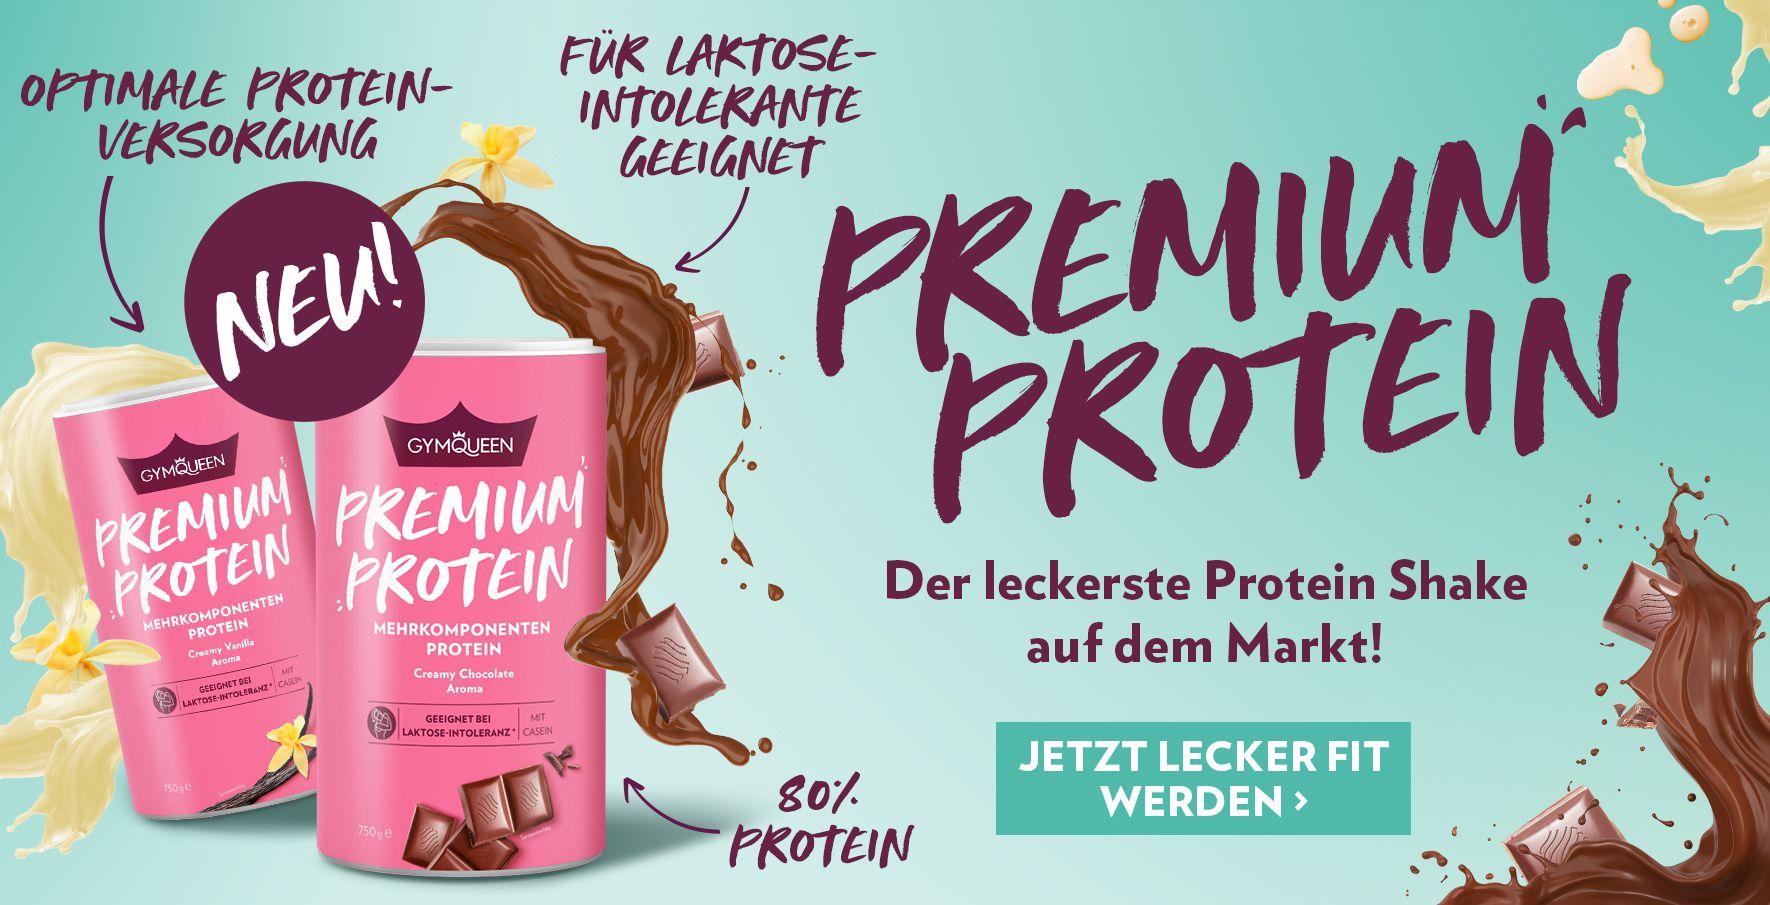 NEU: Premium Protein mit Whey Konzentrat, -Isolat und Casein für eine optimale Proteinversorgung.